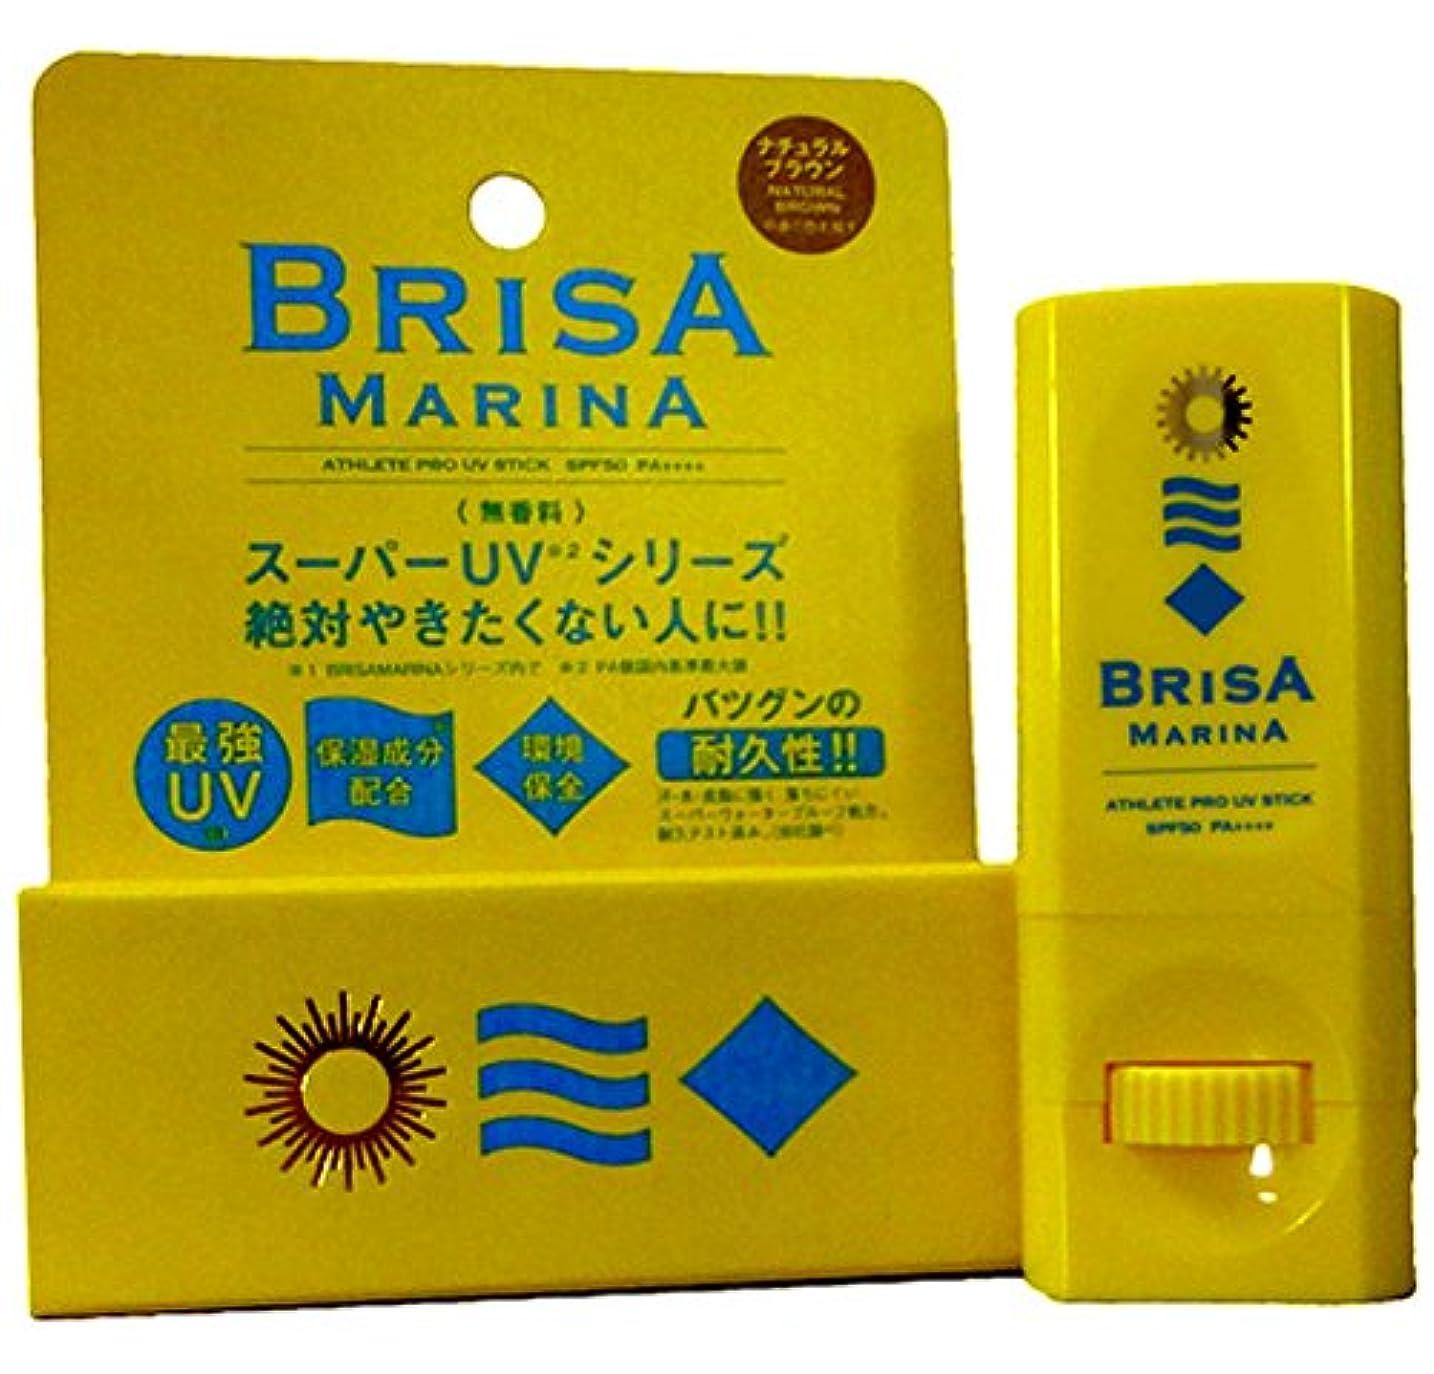 頬メカニック灌漑BRISA MARINA(ブリサマリーナ) ATHLETE PRO UV STICK 10g 日焼け止め スティック (01-WHITE)